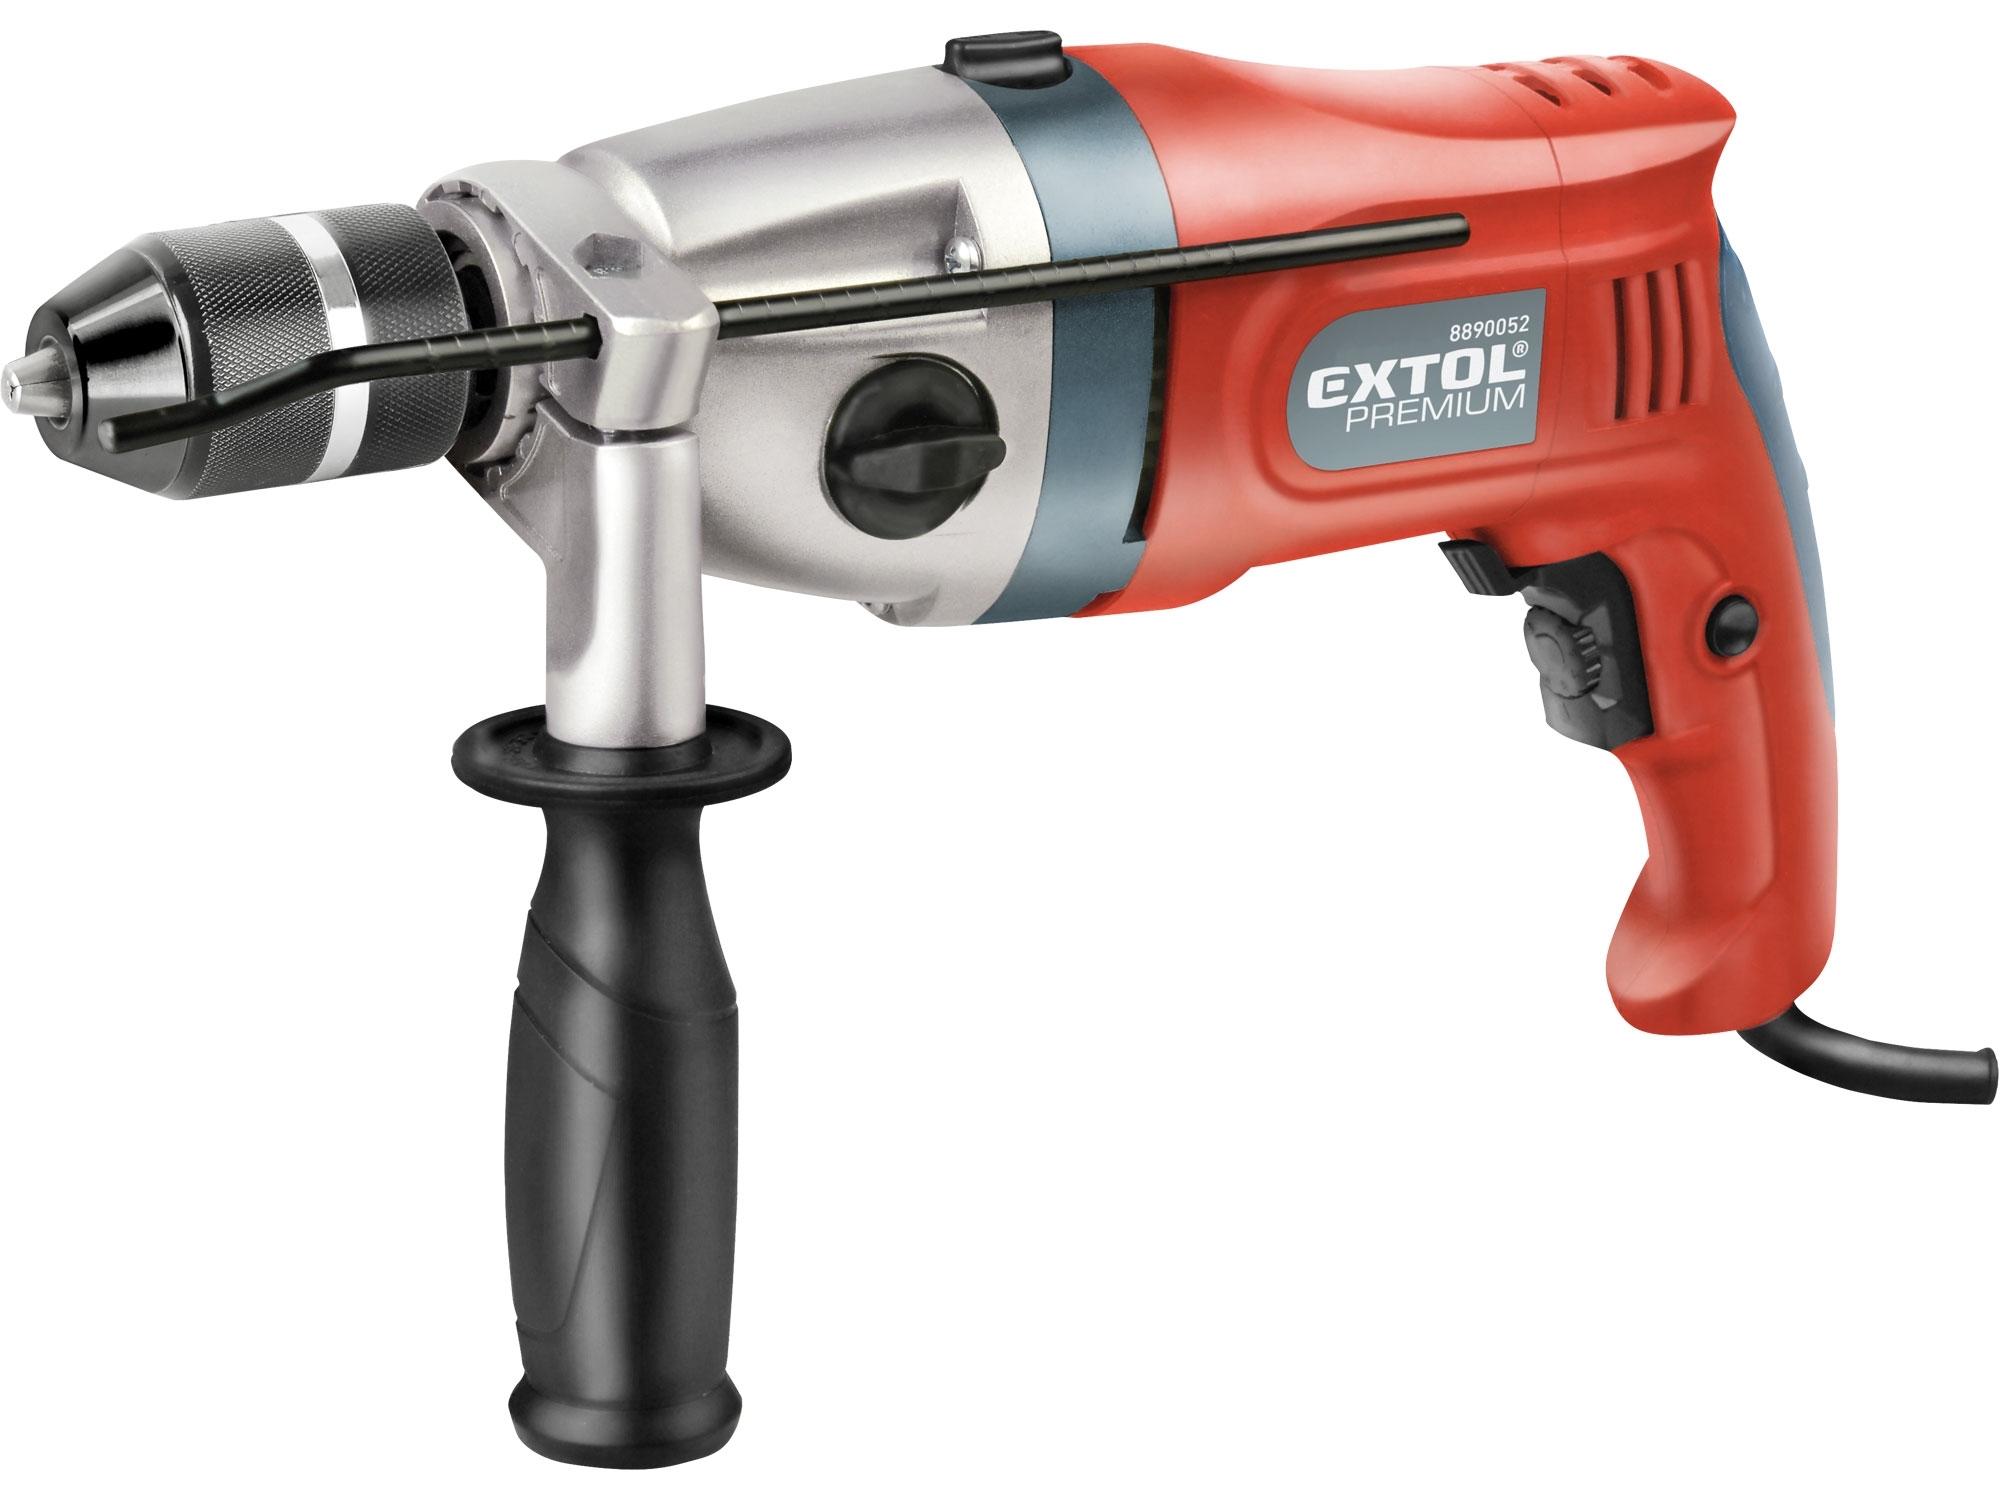 Vrtačka s příklepem 1100W, EXTOL Premium ID 1100 CF 8890052